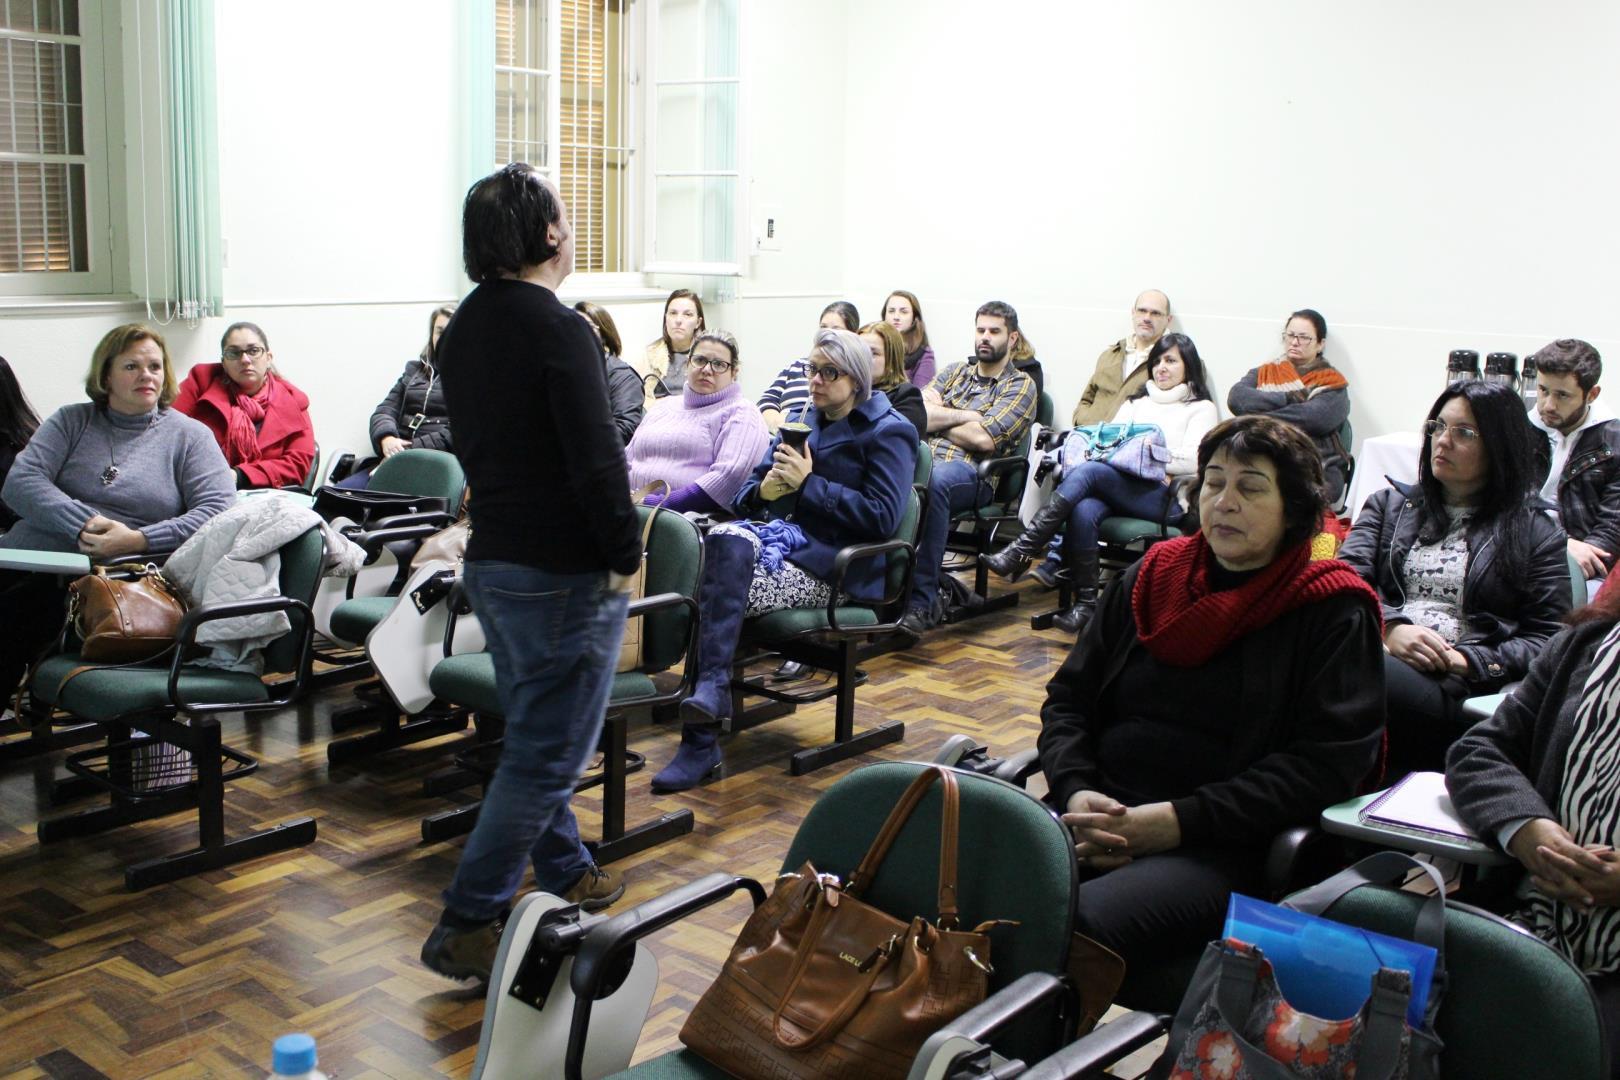 NEGEDJ realiza encontro de formação continuada do Instituto Estadual Seno Frederico Ludwig